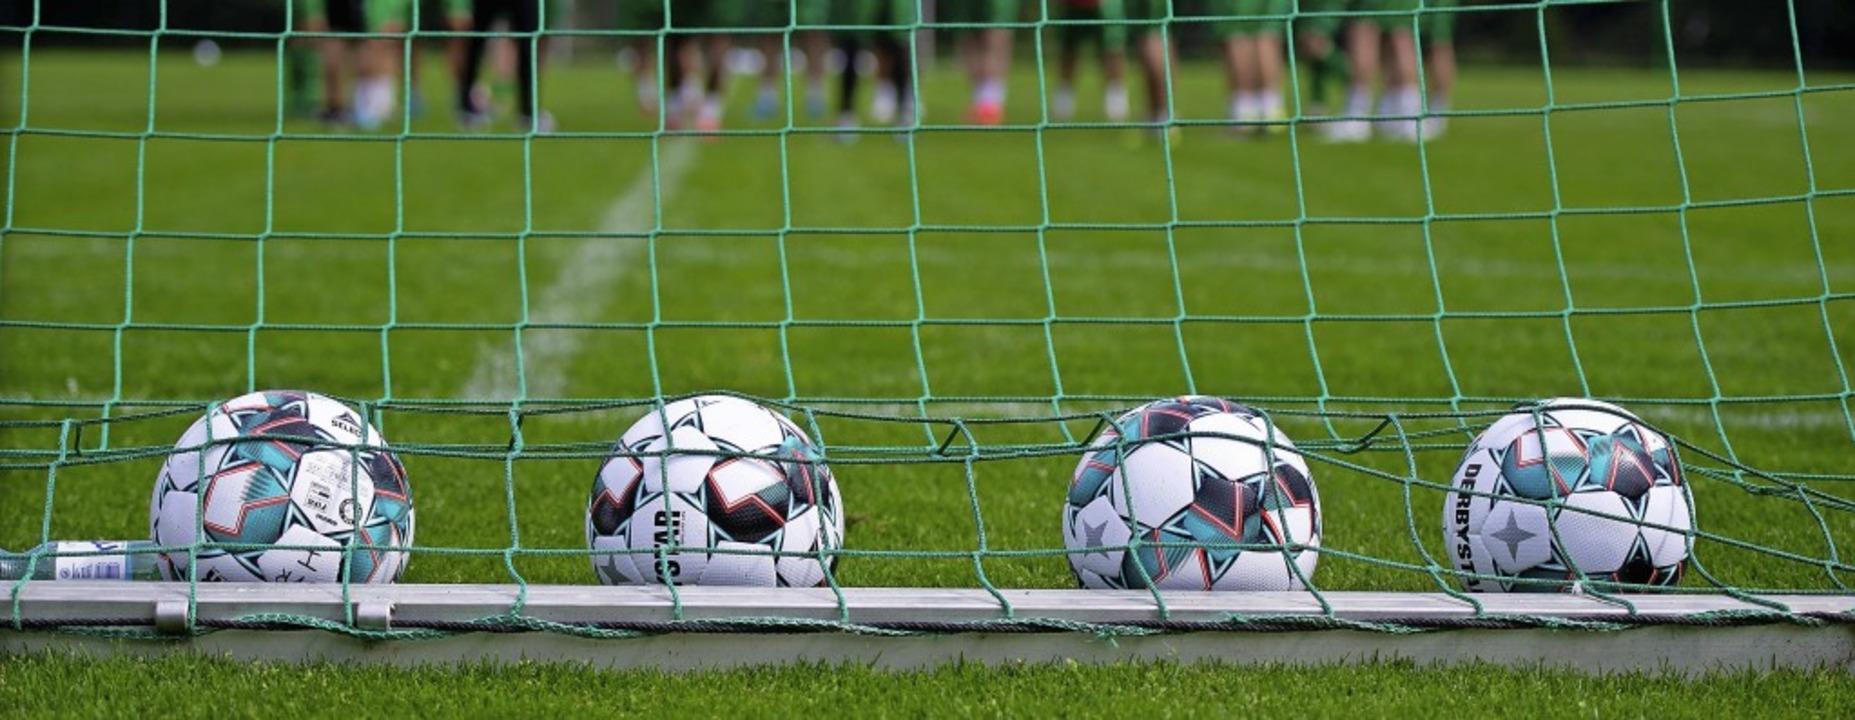 Die Fußballer dürfen auf eine stufenwe...n Land- oder Stadtkreis dies erlauben.  | Foto: Noah Wedel via www.imago-images.de